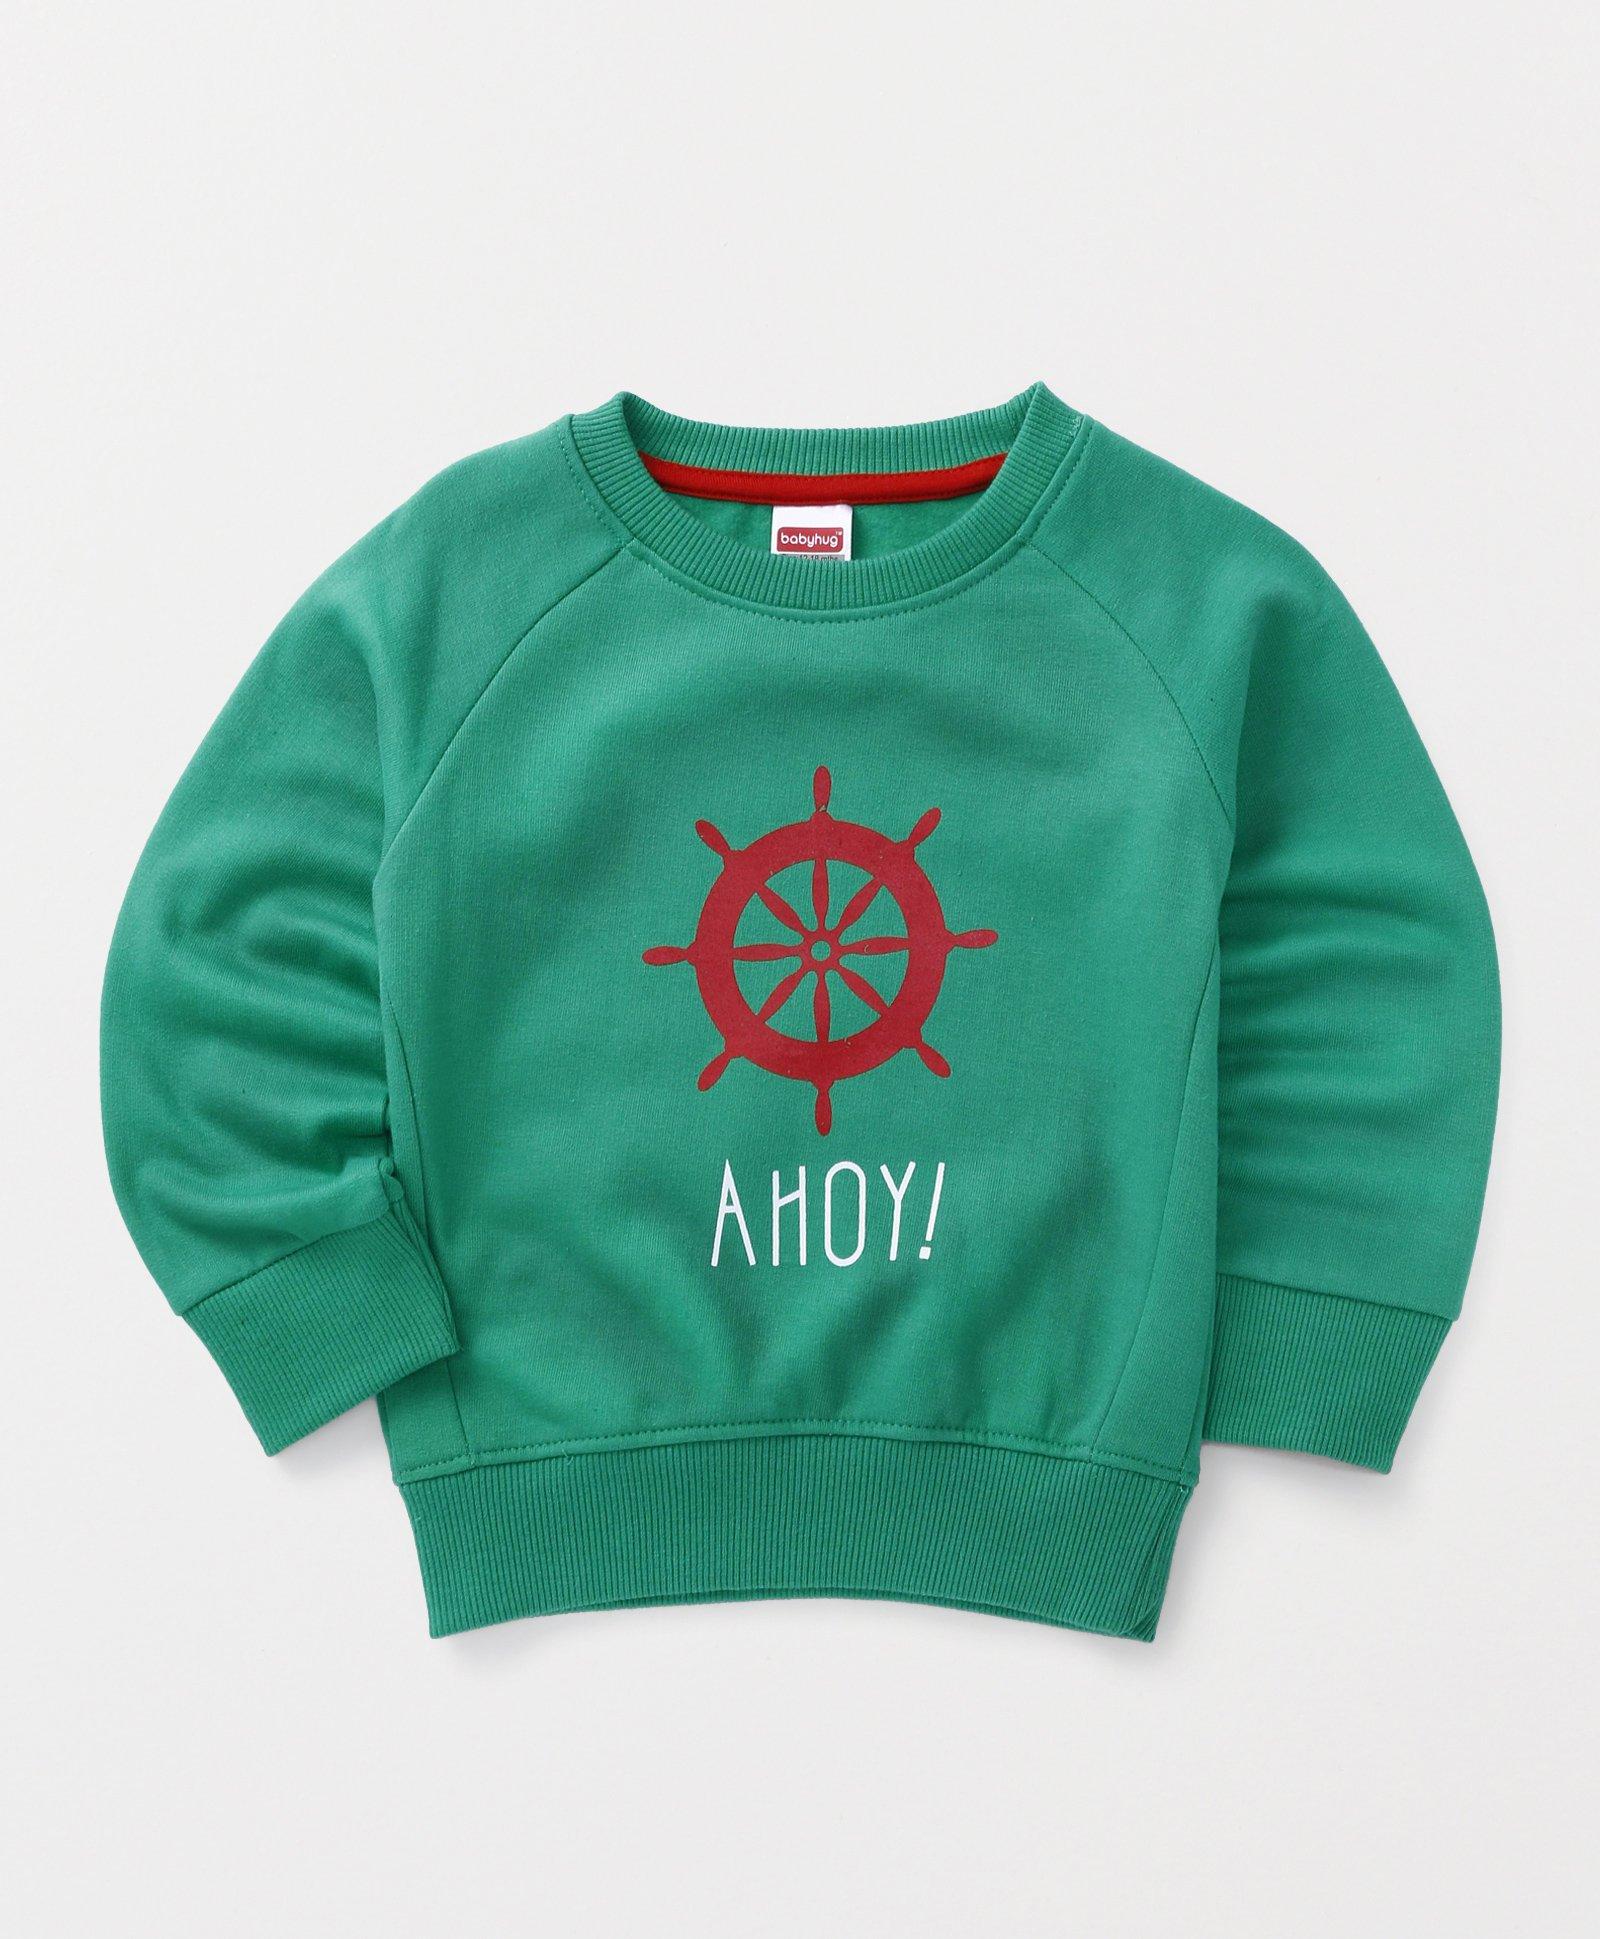 Babyhug Full Sleeves Pullover Sweatshirt Ahoy Print - Green